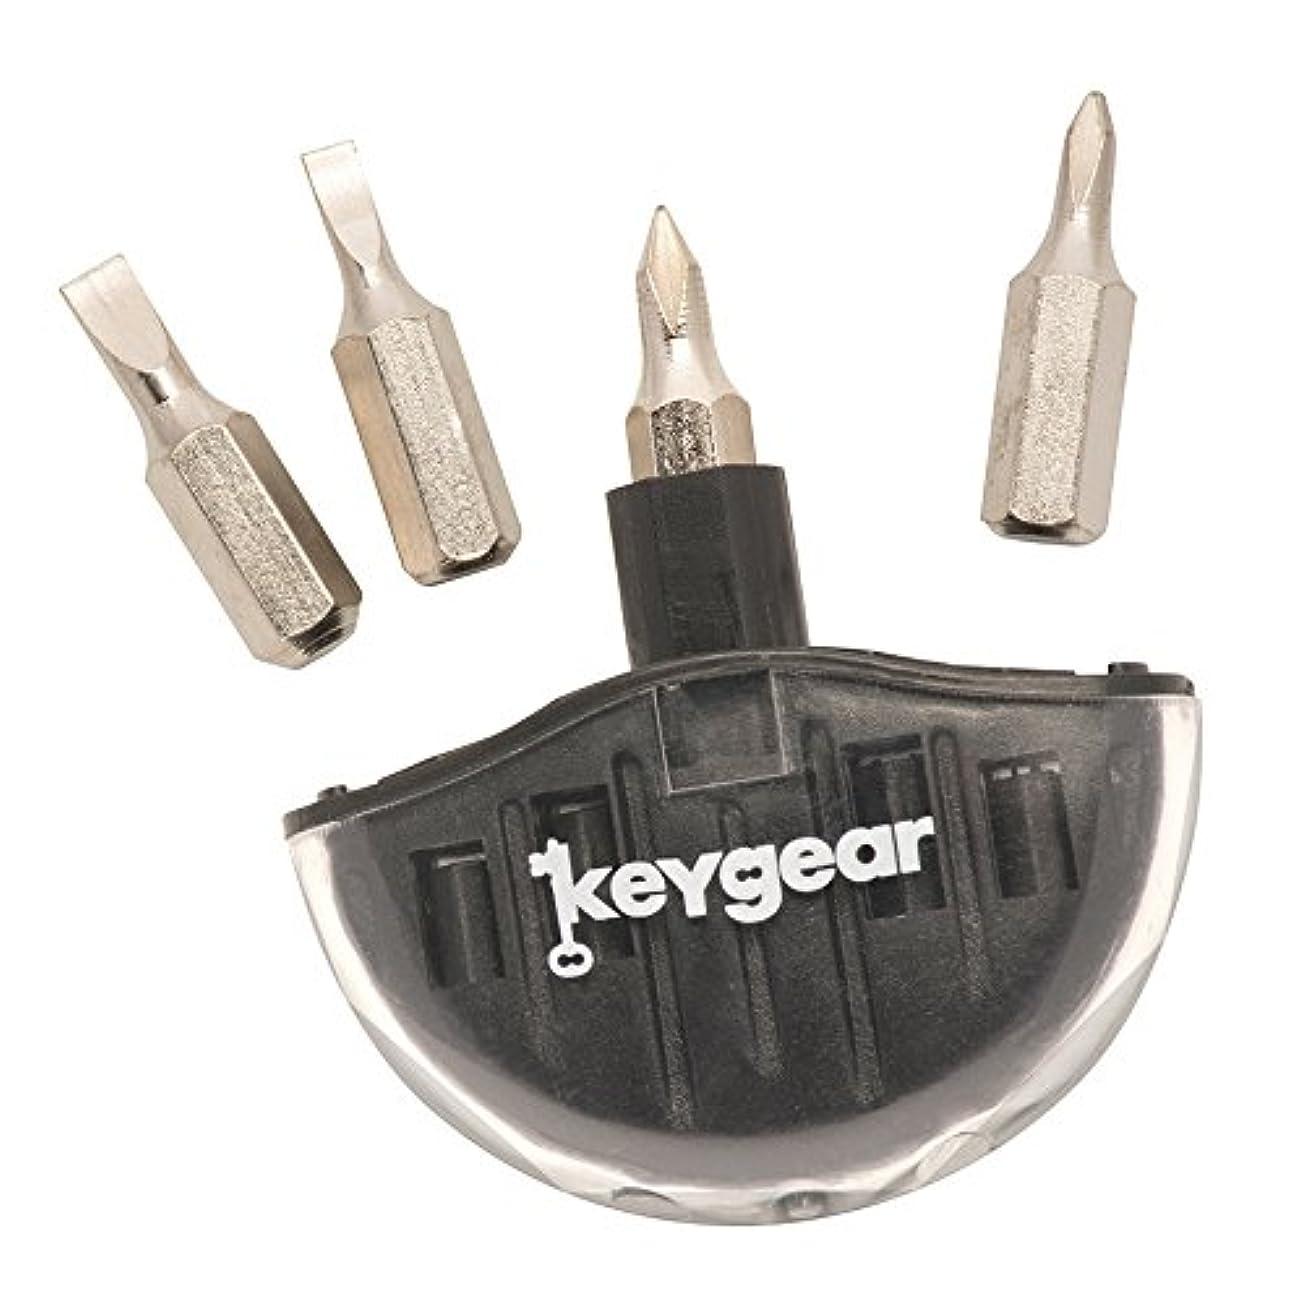 教死んでいる素晴らしさkey gear(キーギア) ドライバー スクリュードライバーセット2.0 ブラック KG02582